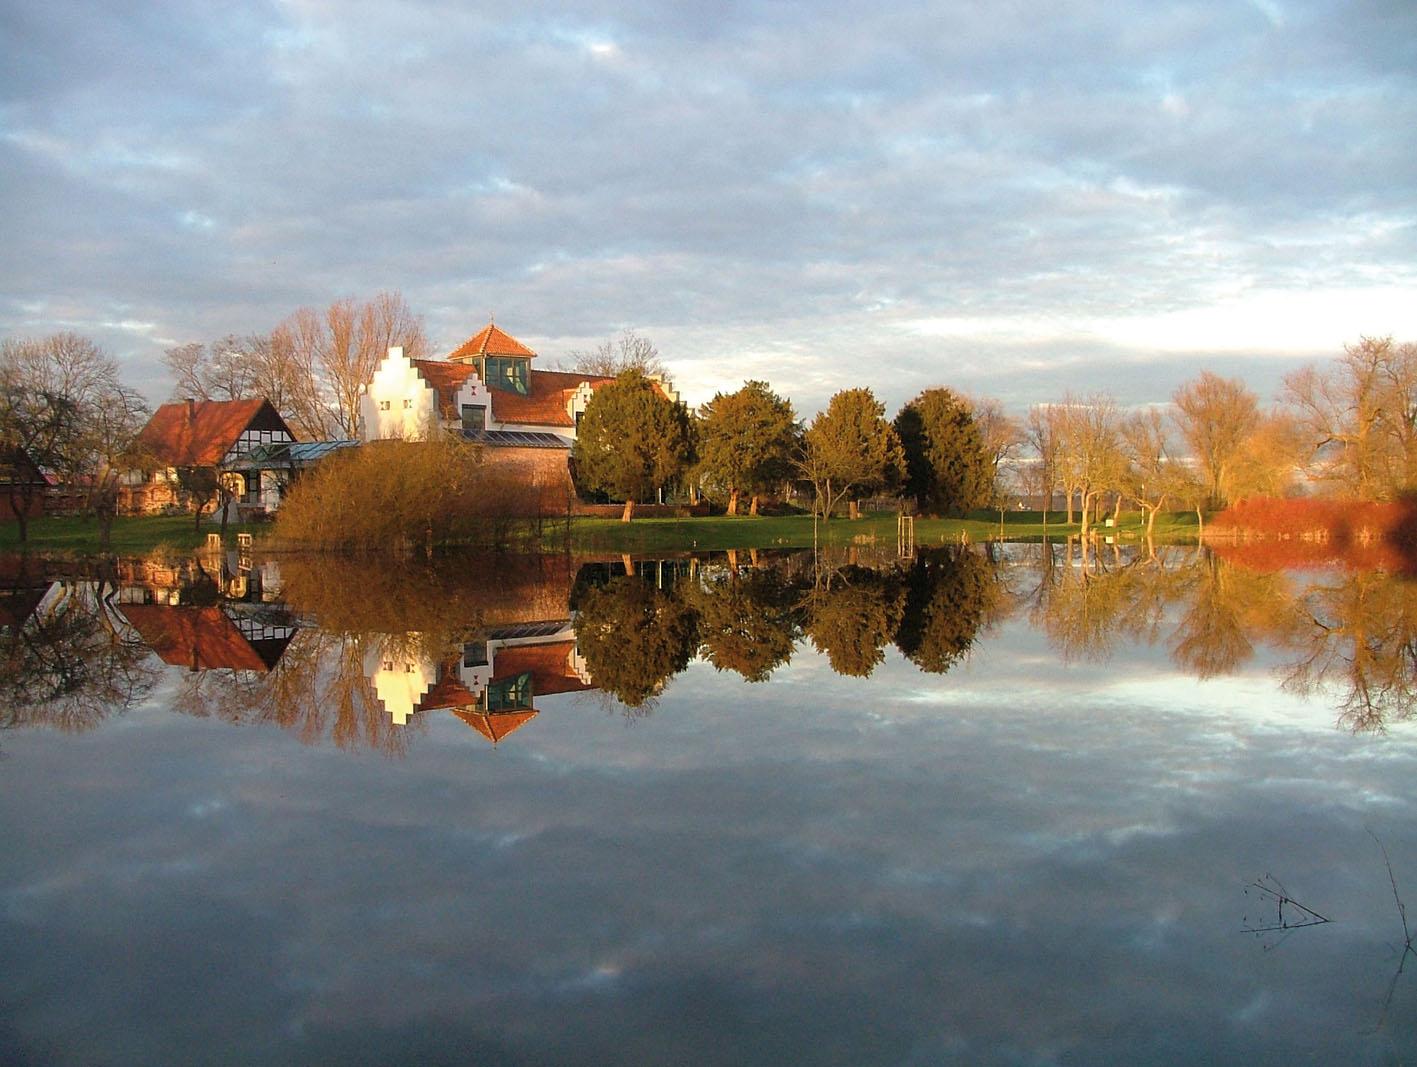 Blick auf Burghof, Londy-Park und Spritzenwiese / Foto: Jens-Uwe Meyer